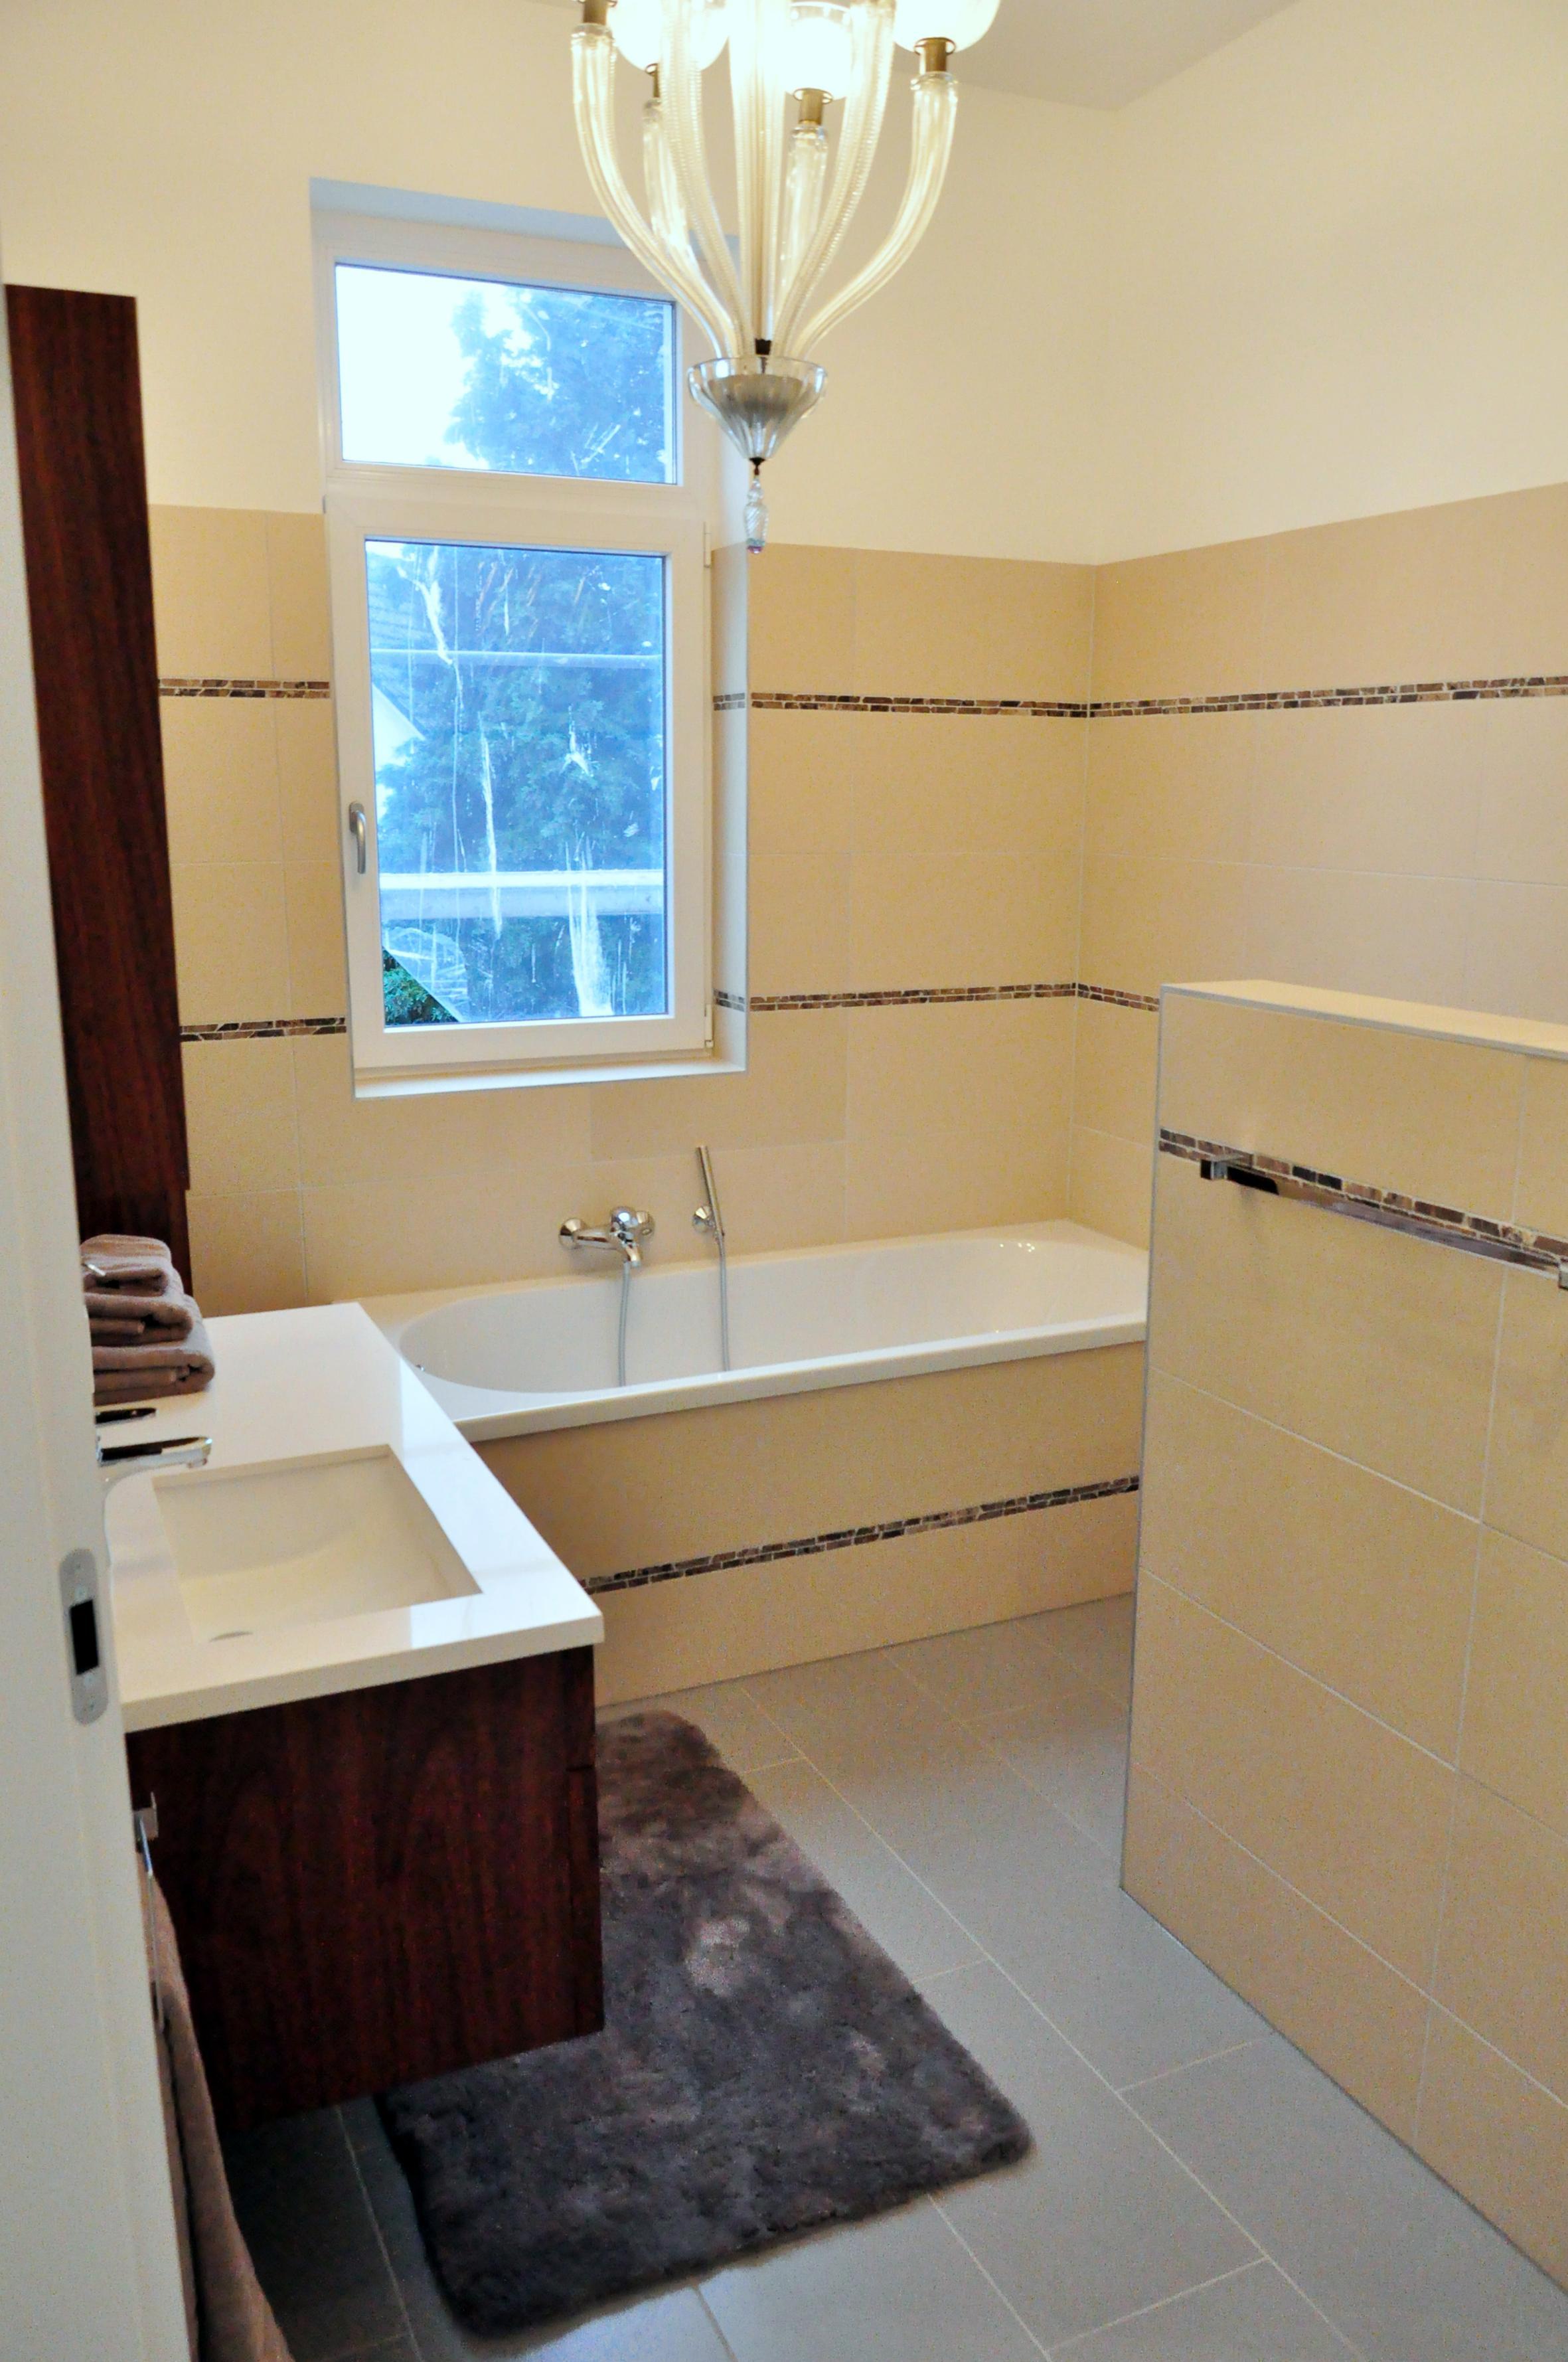 badezimmer dachschr ge bilder ideen couchstyle. Black Bedroom Furniture Sets. Home Design Ideas